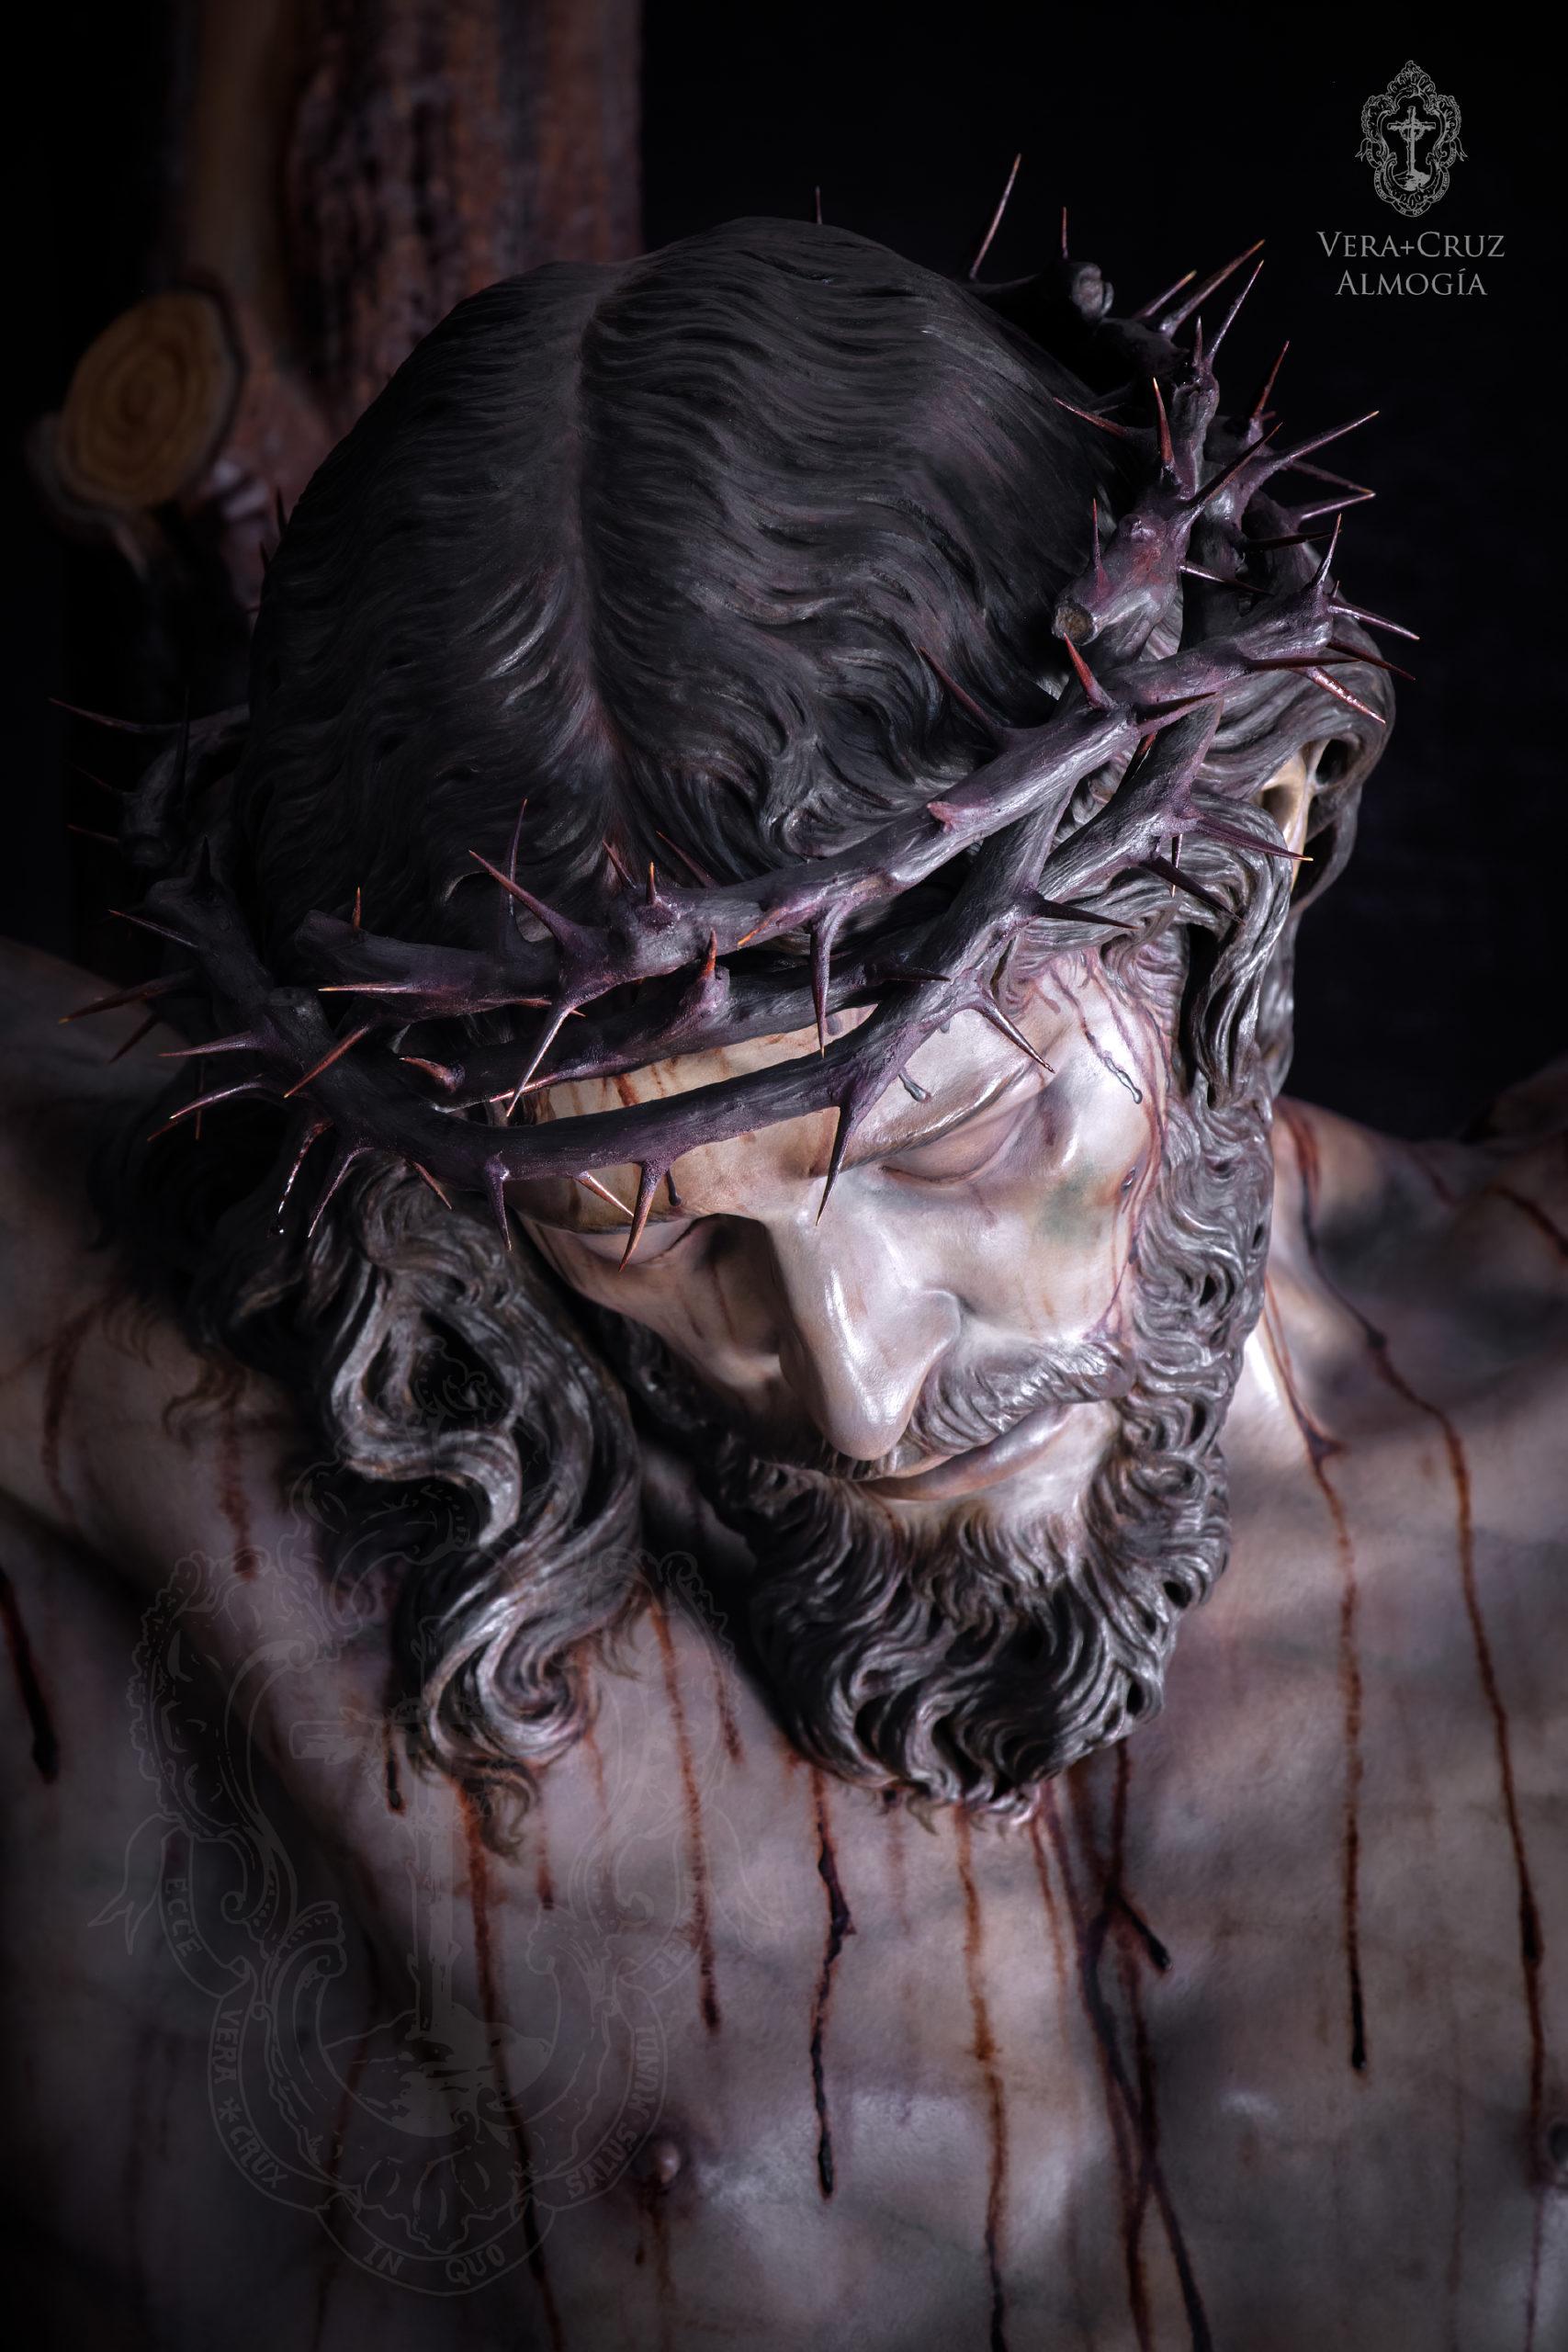 Santísimo Cristo de la Vera+Cruz